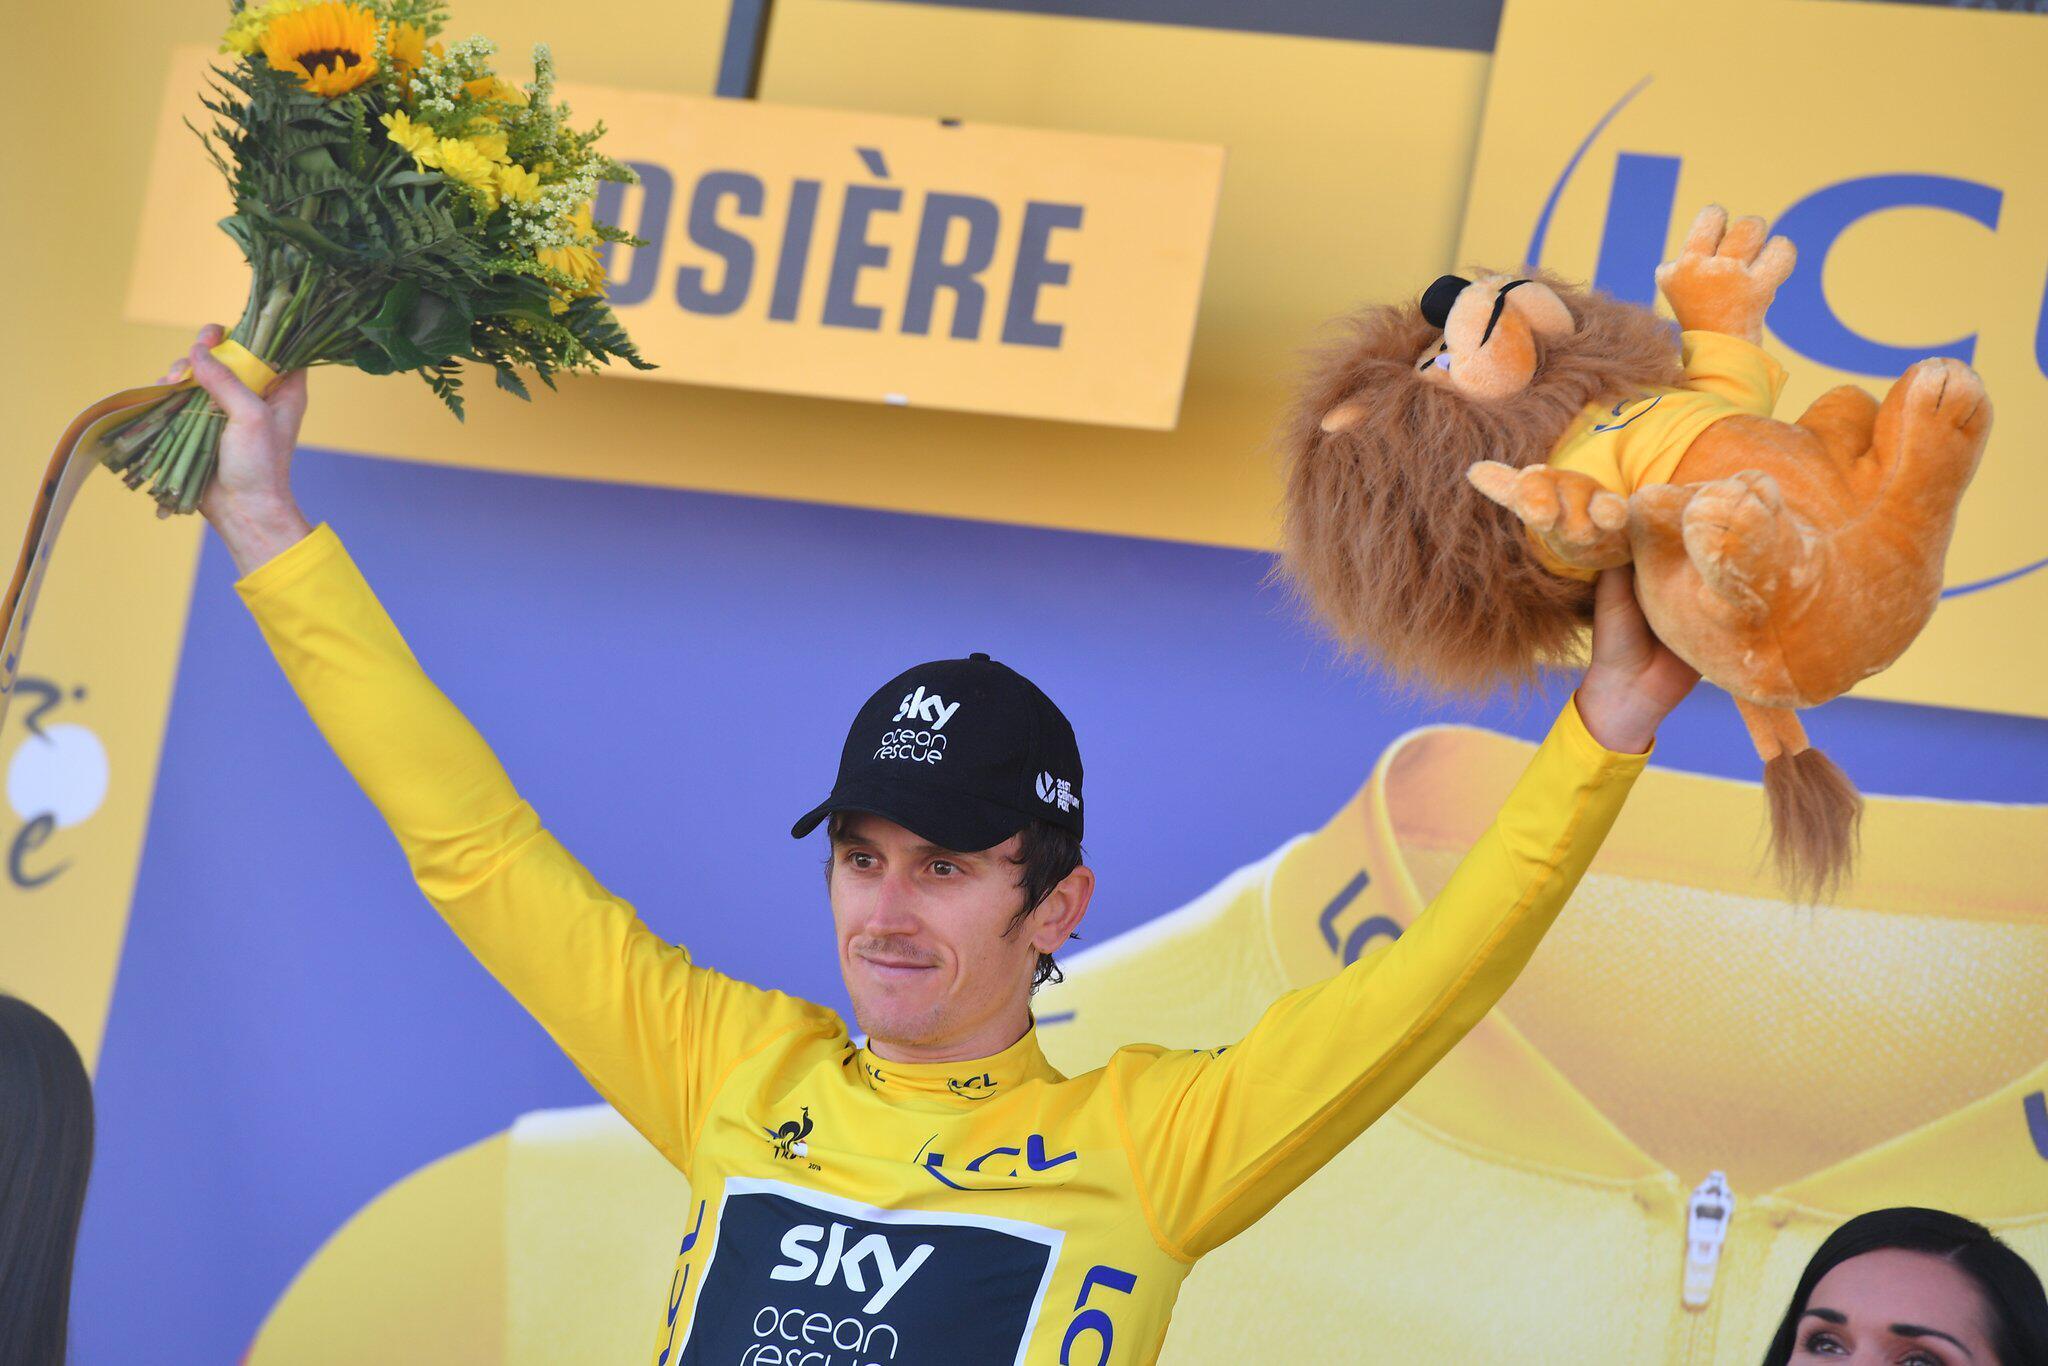 Bild zu Tour de France, 11. Etappe, Geraint Thomas, Gelbes Trikot, La Rosiere